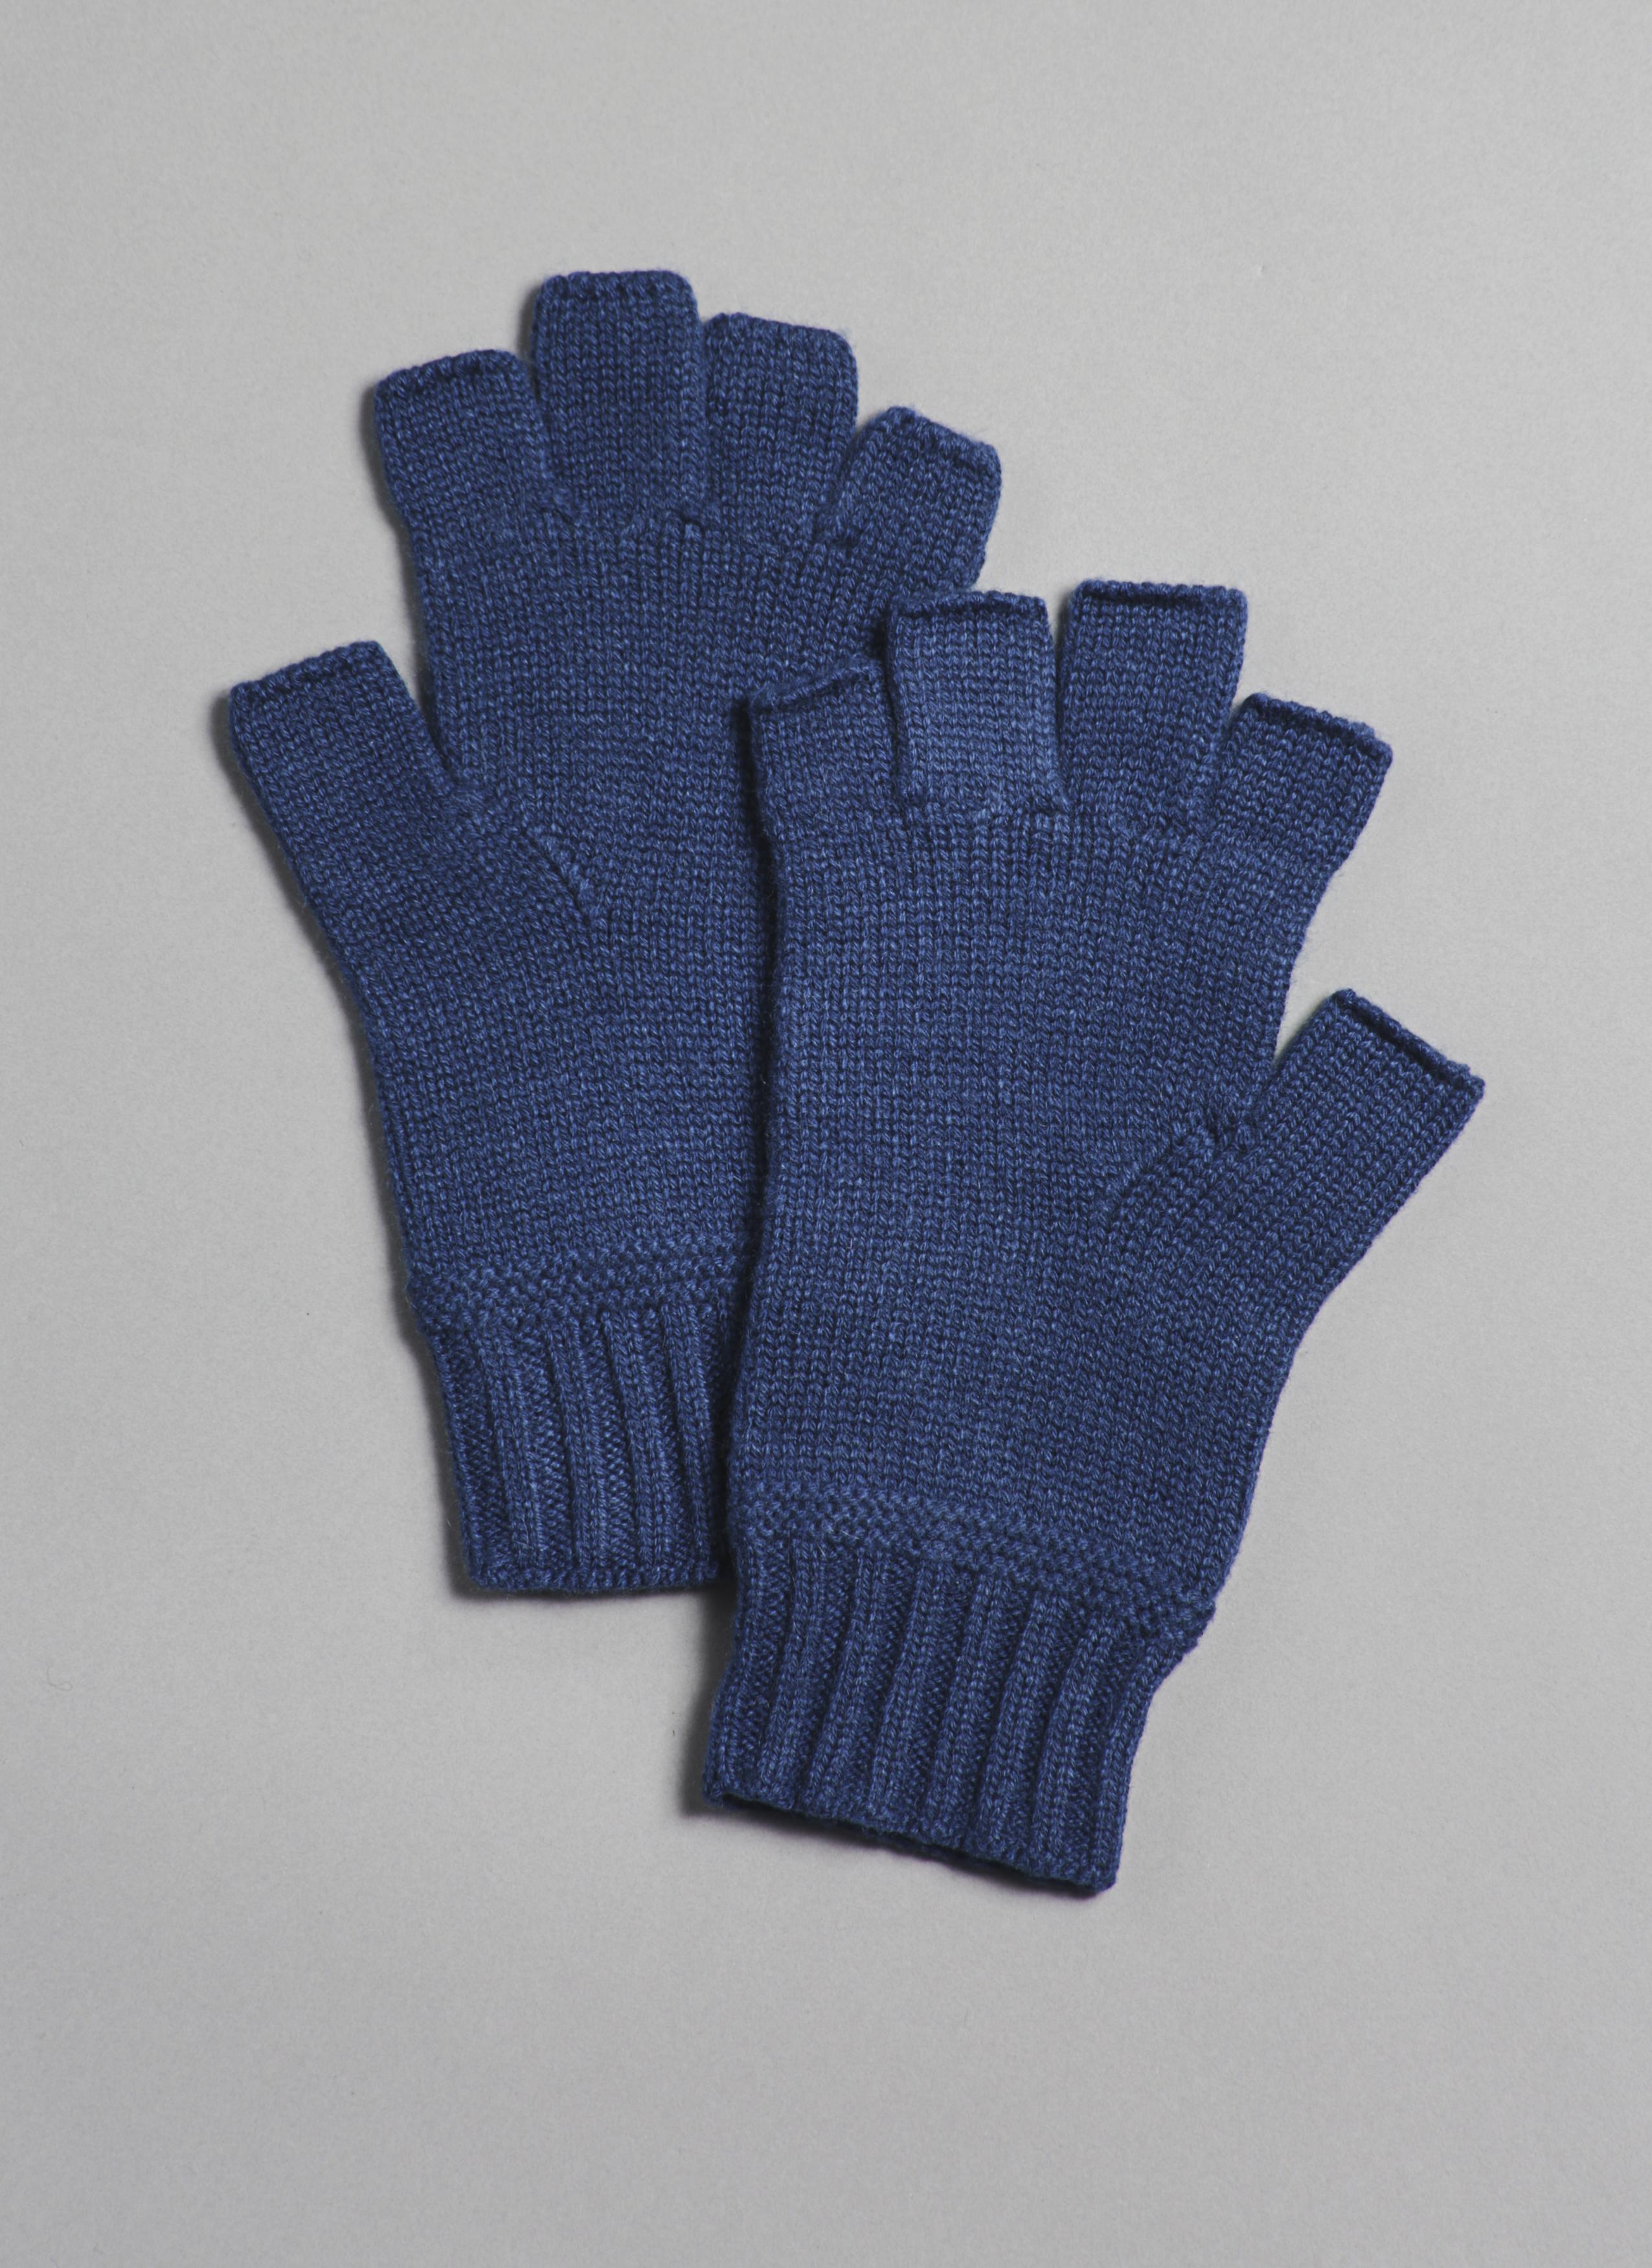 e1063862d0347 Cashmere Fingerless Gloves in Denim - GREI New York